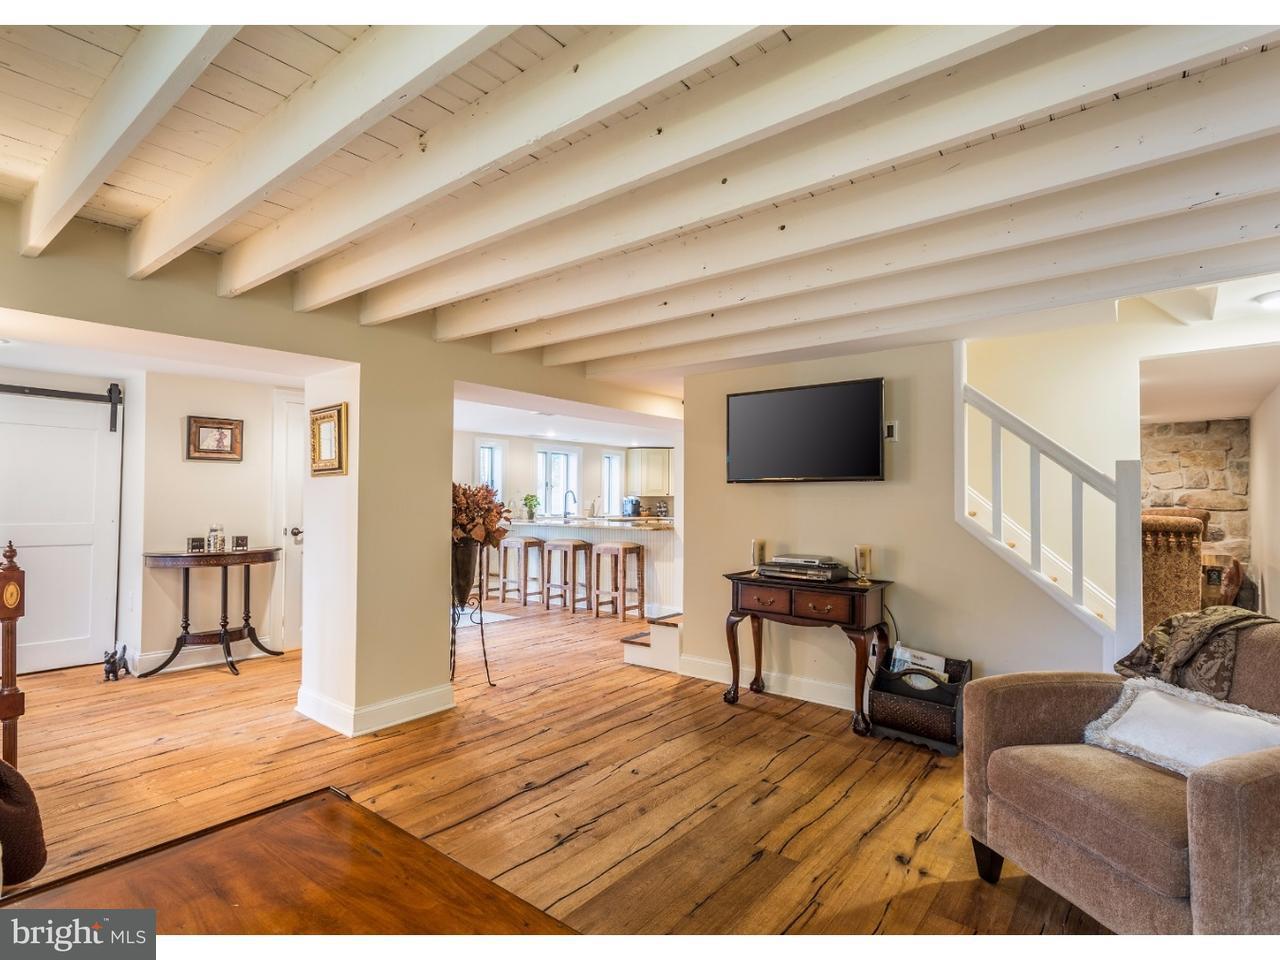 Частный односемейный дом для того Аренда на 6920 UPPER YORK Road New Hope, Пенсильвания 18938 Соединенные ШтатыВ/Около: Solebury Township